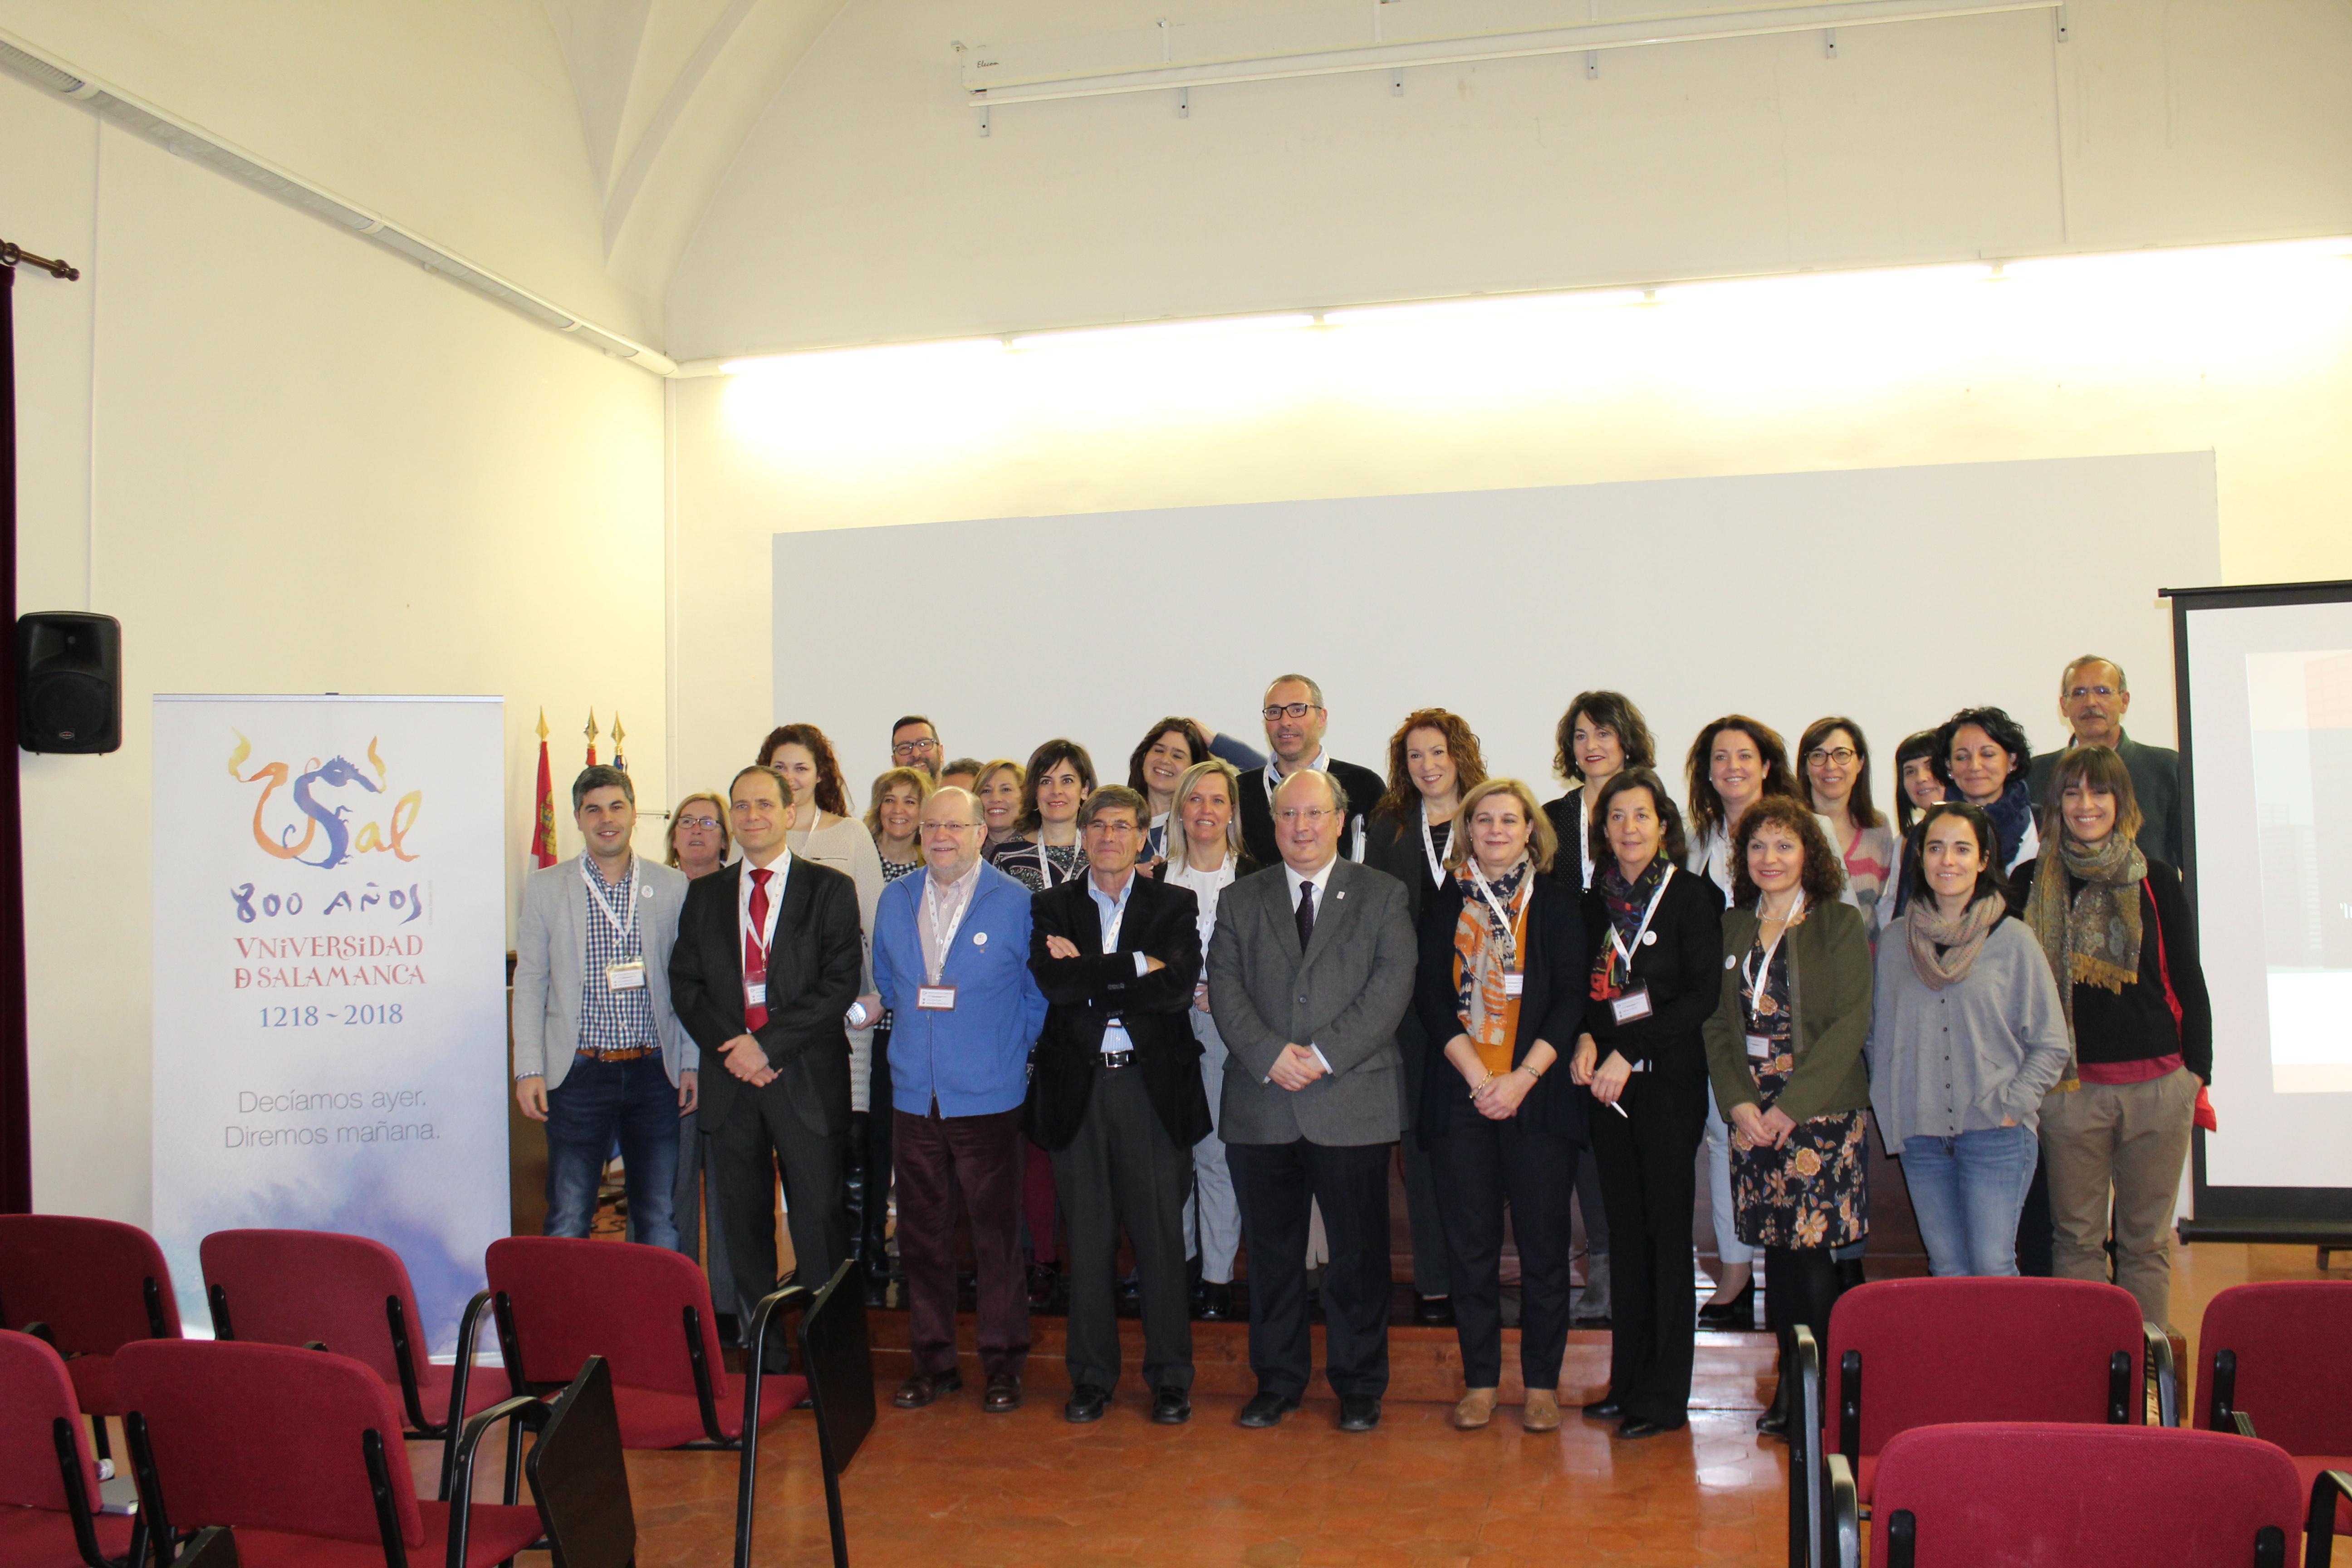 La Universidad acoge la Conferencia Internacional de entidades Alumni con motivo del VIII Centenario